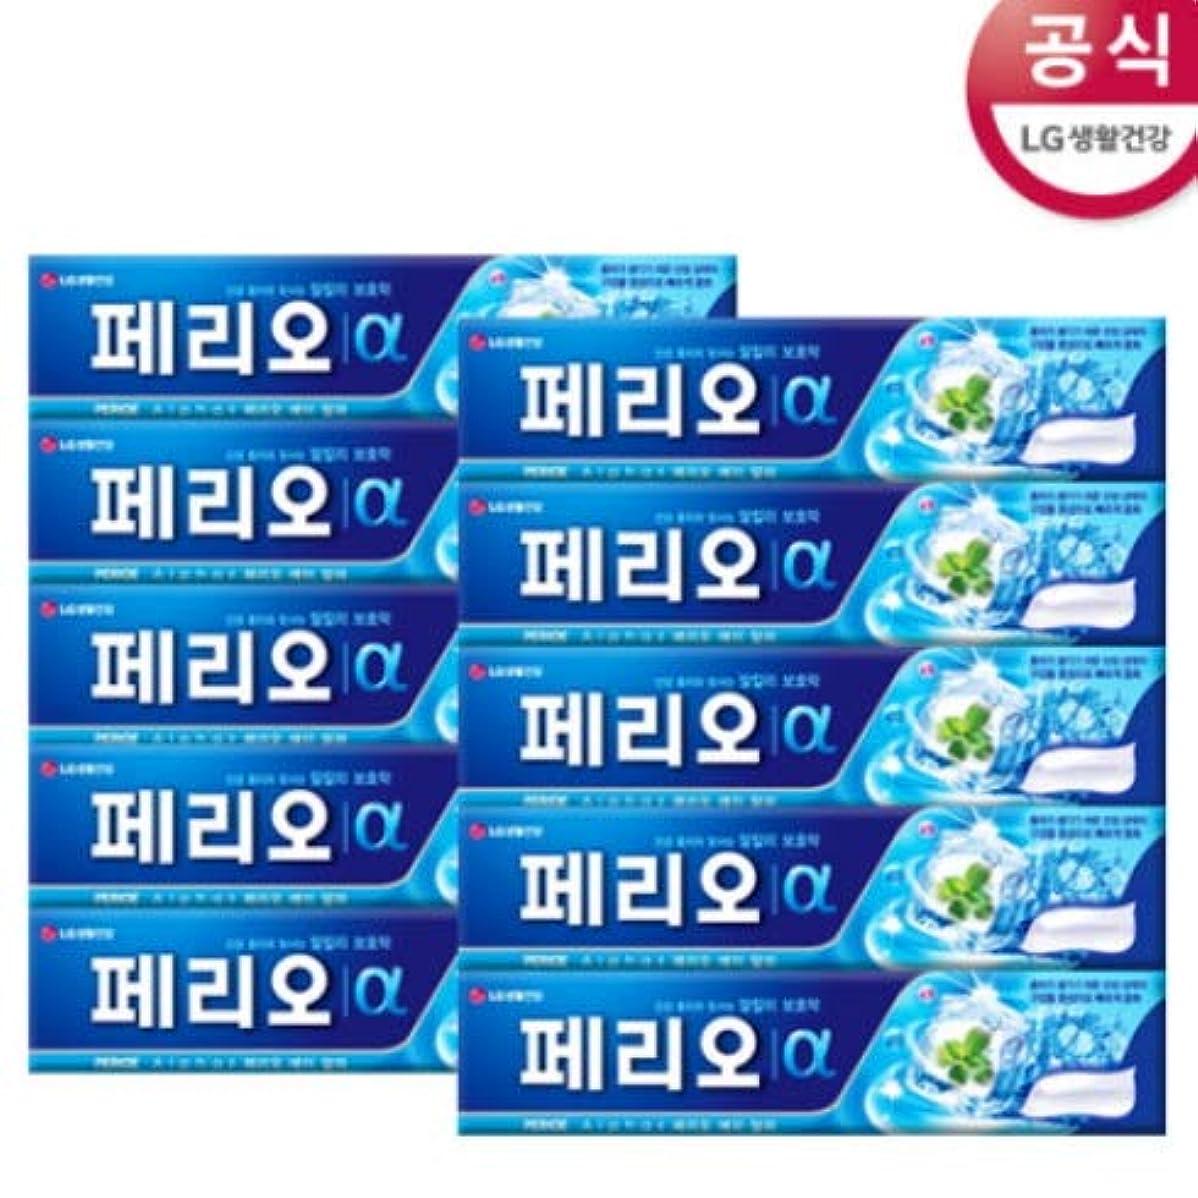 立法昆虫調査[LG HnB] Perio Alpha Toothpaste/ペリオアルファ歯磨き粉 170gx10個(海外直送品)